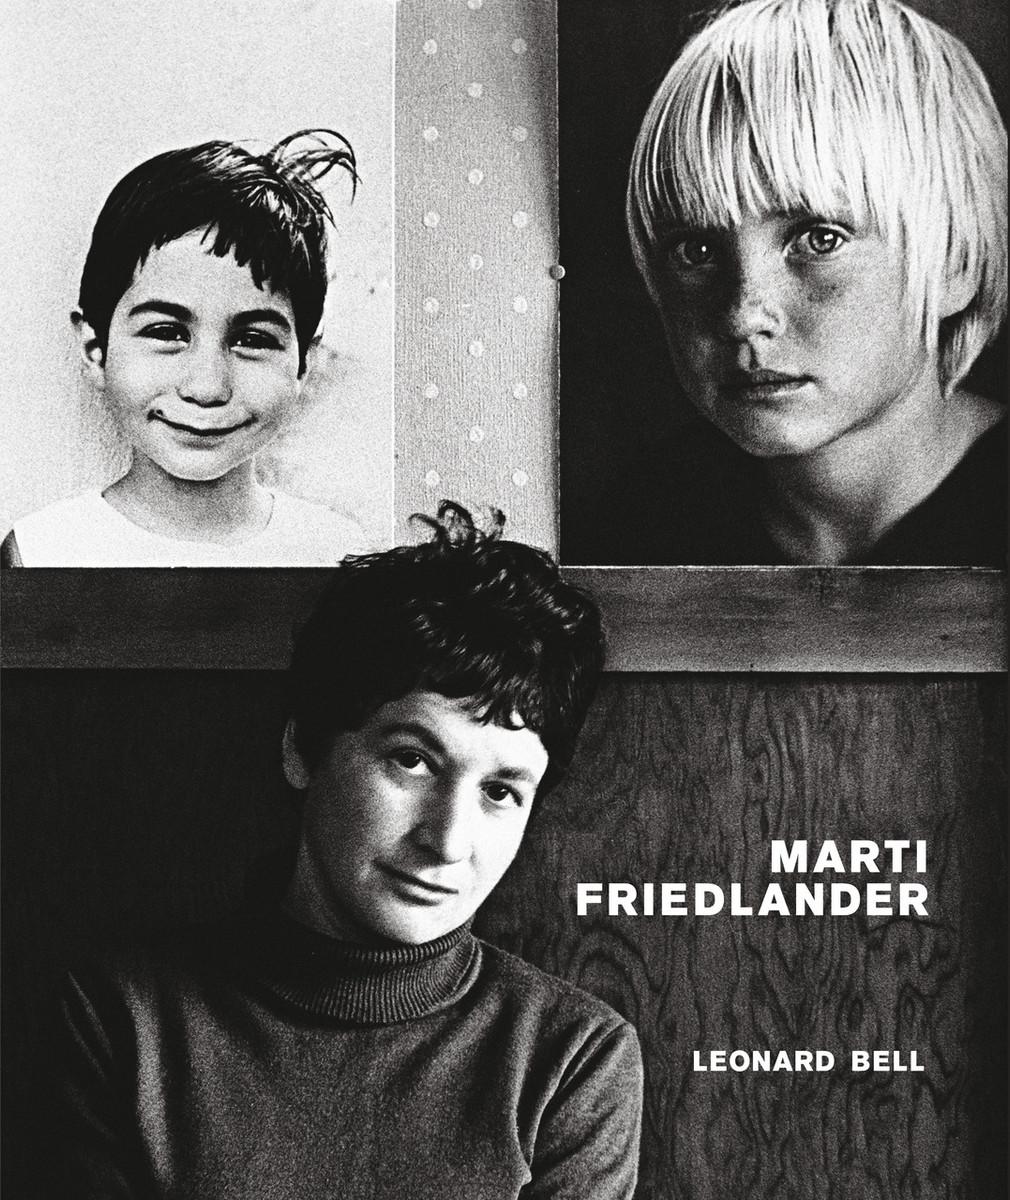 Marti Friedlander by Leonard Bell